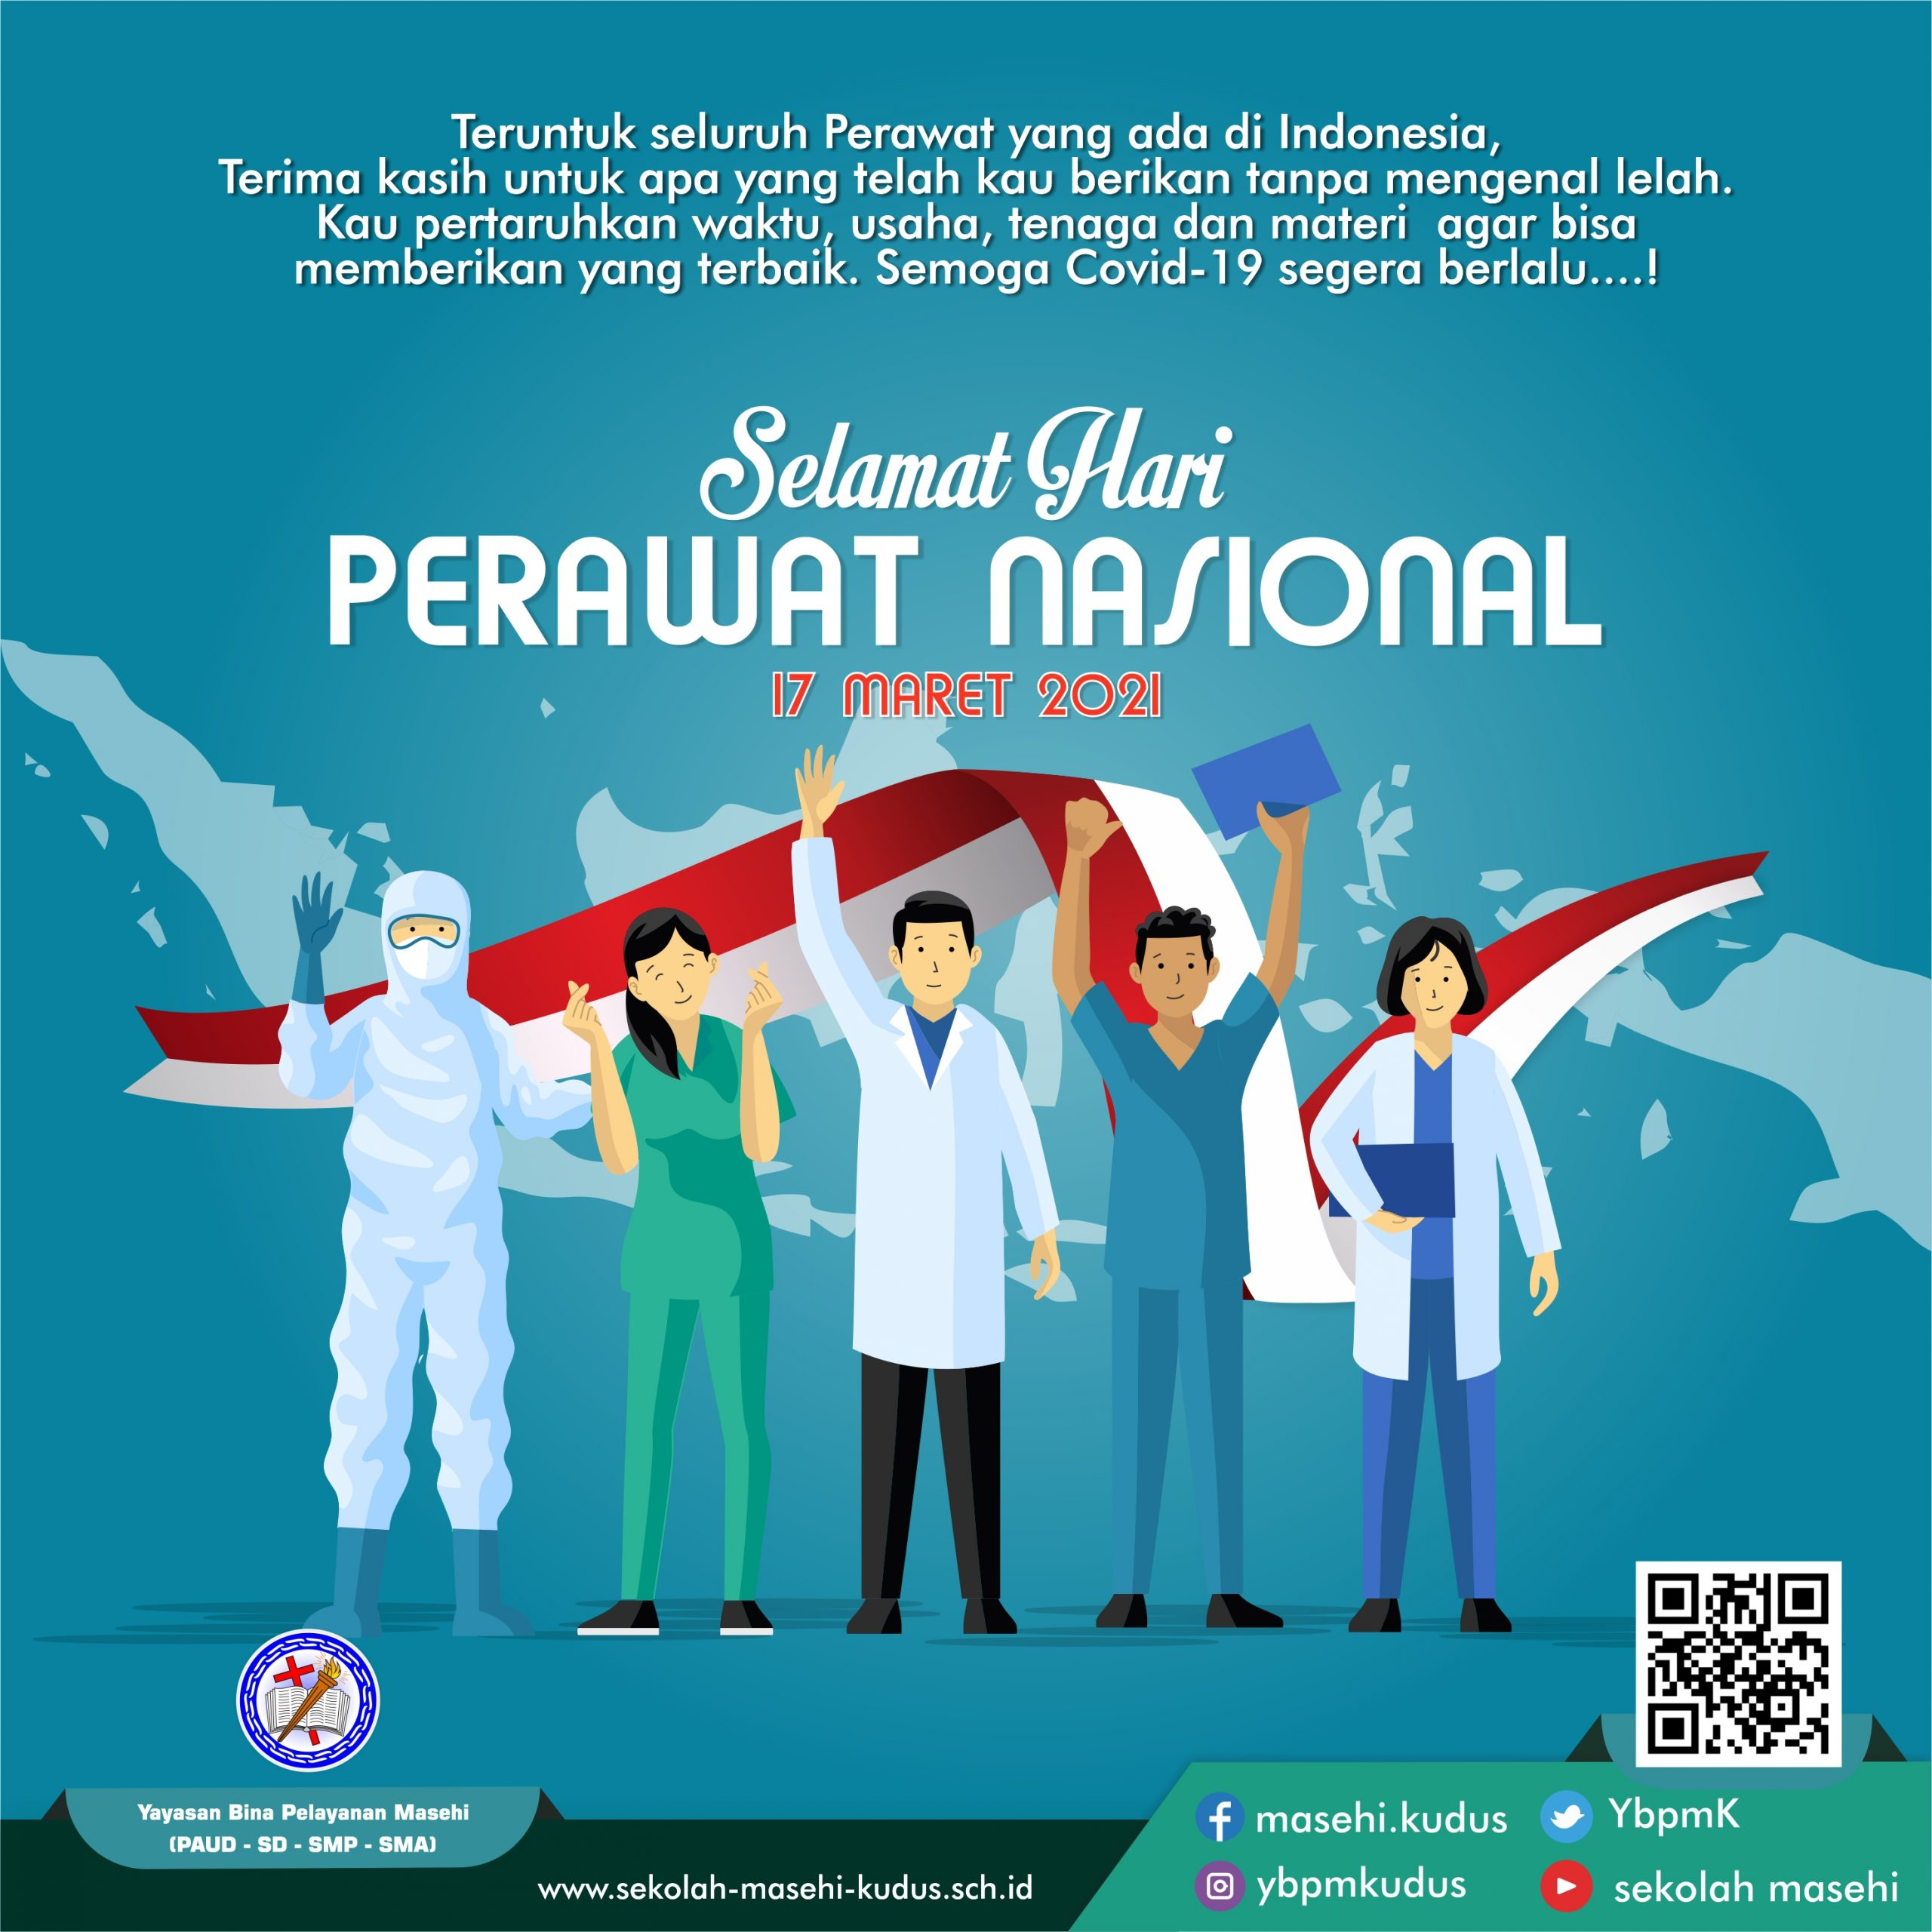 Selamat Hari Perawat Nasional